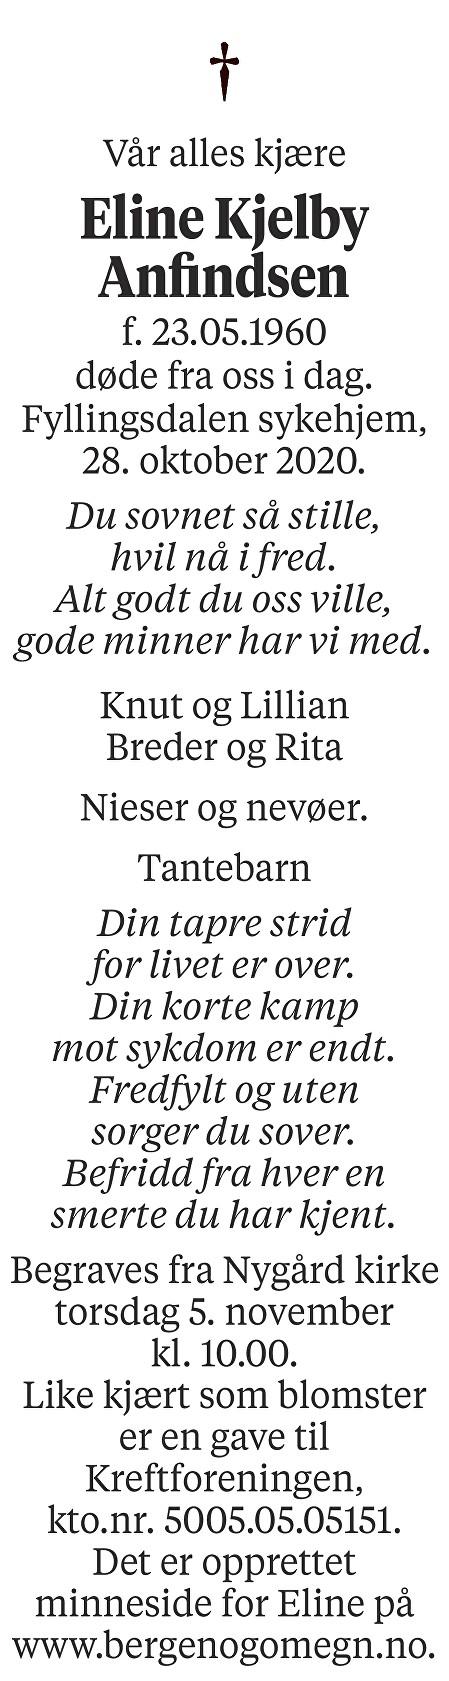 Eline Kjelby Anfindsen Dødsannonse